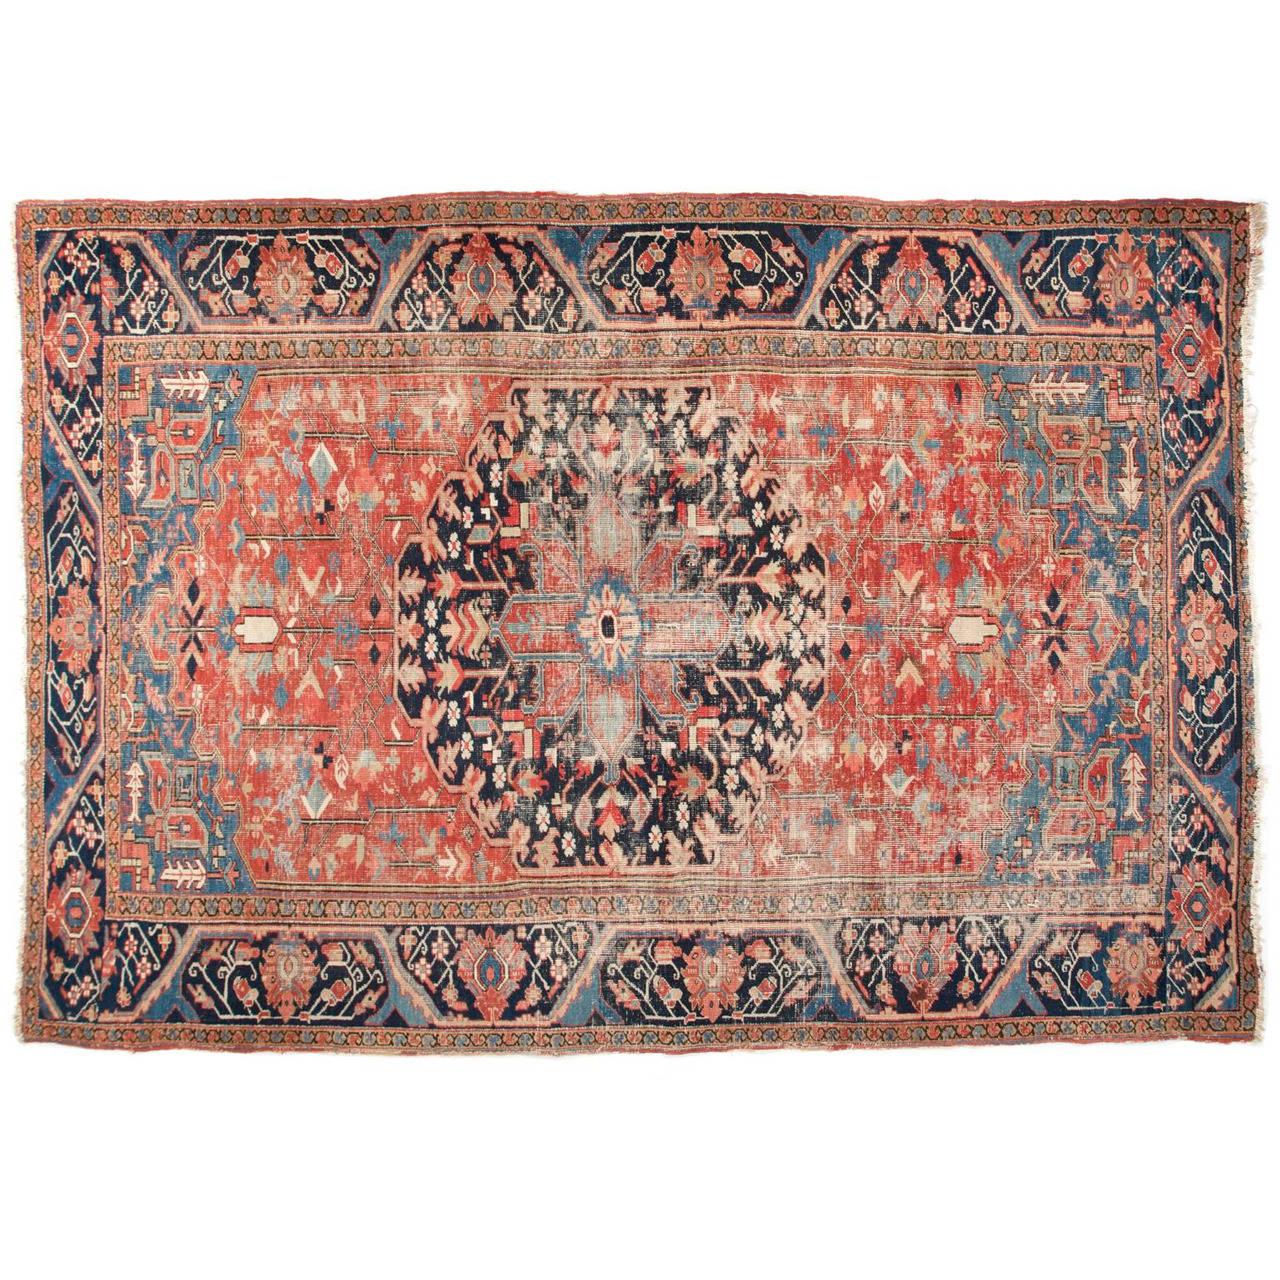 Worn Authentic Antique Heriz Persian Rug Circa 1900 At